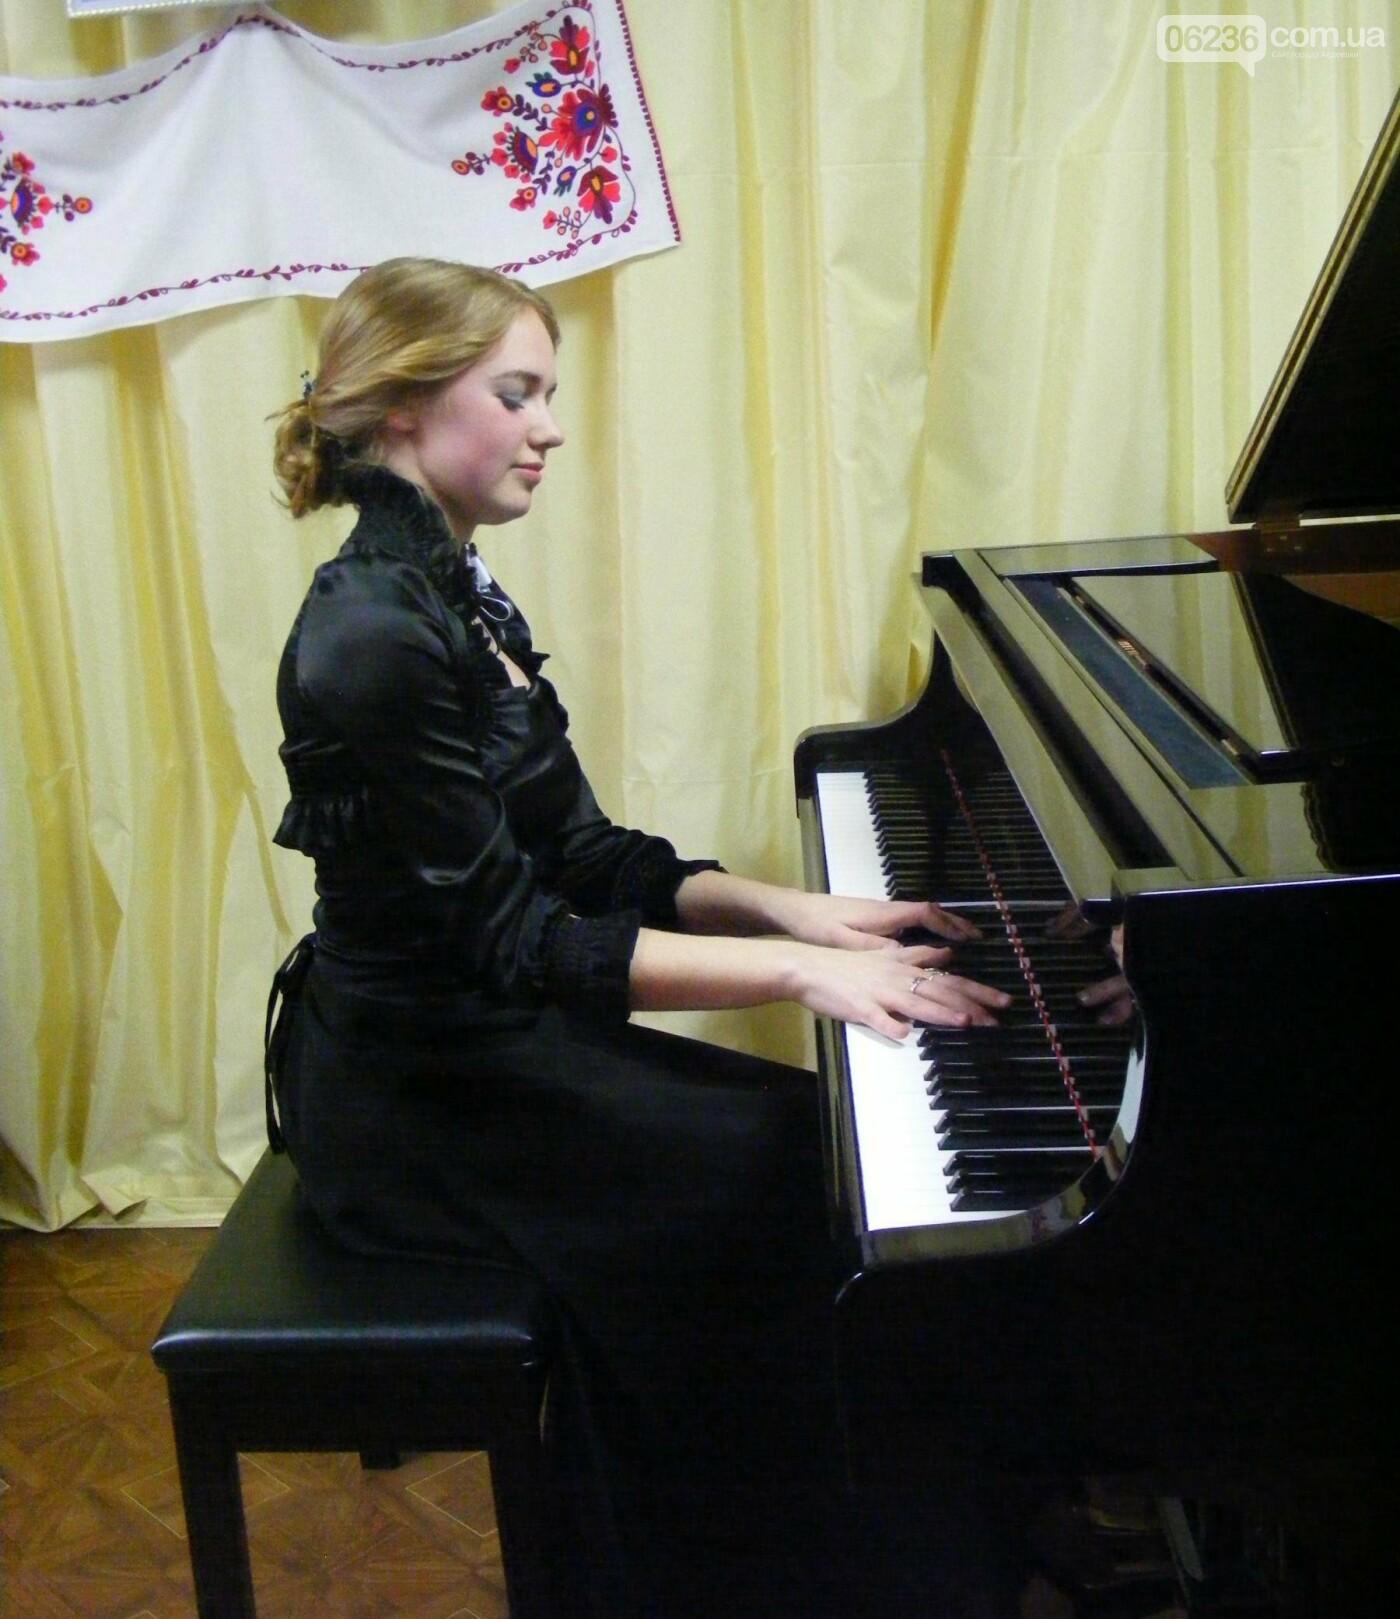 Авдеевские пианисты победили в Открытом конкурсе фортепианной музыки (ФОТО), фото-1